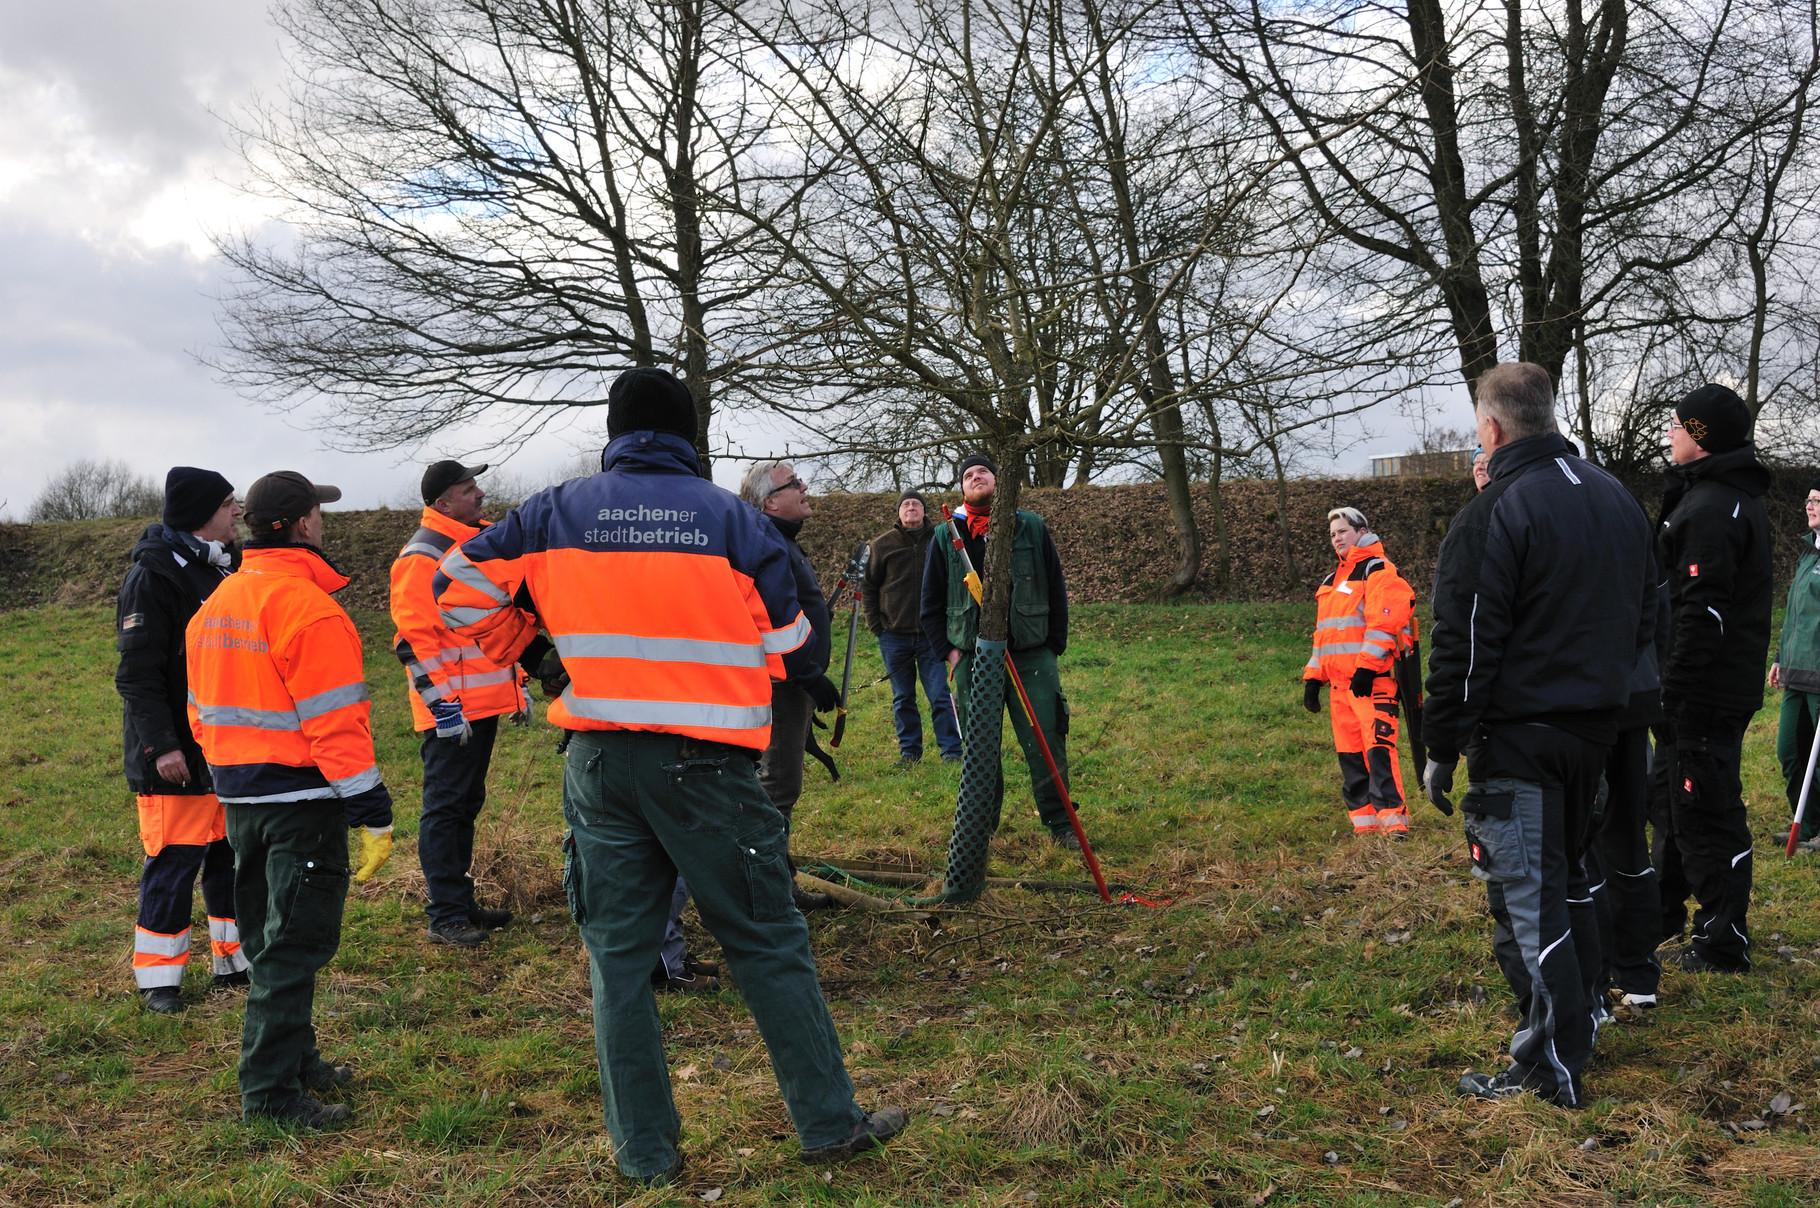 Schnittlehrgang in Kooperation mit der Bildungsstätte Gartenbau Grünberg